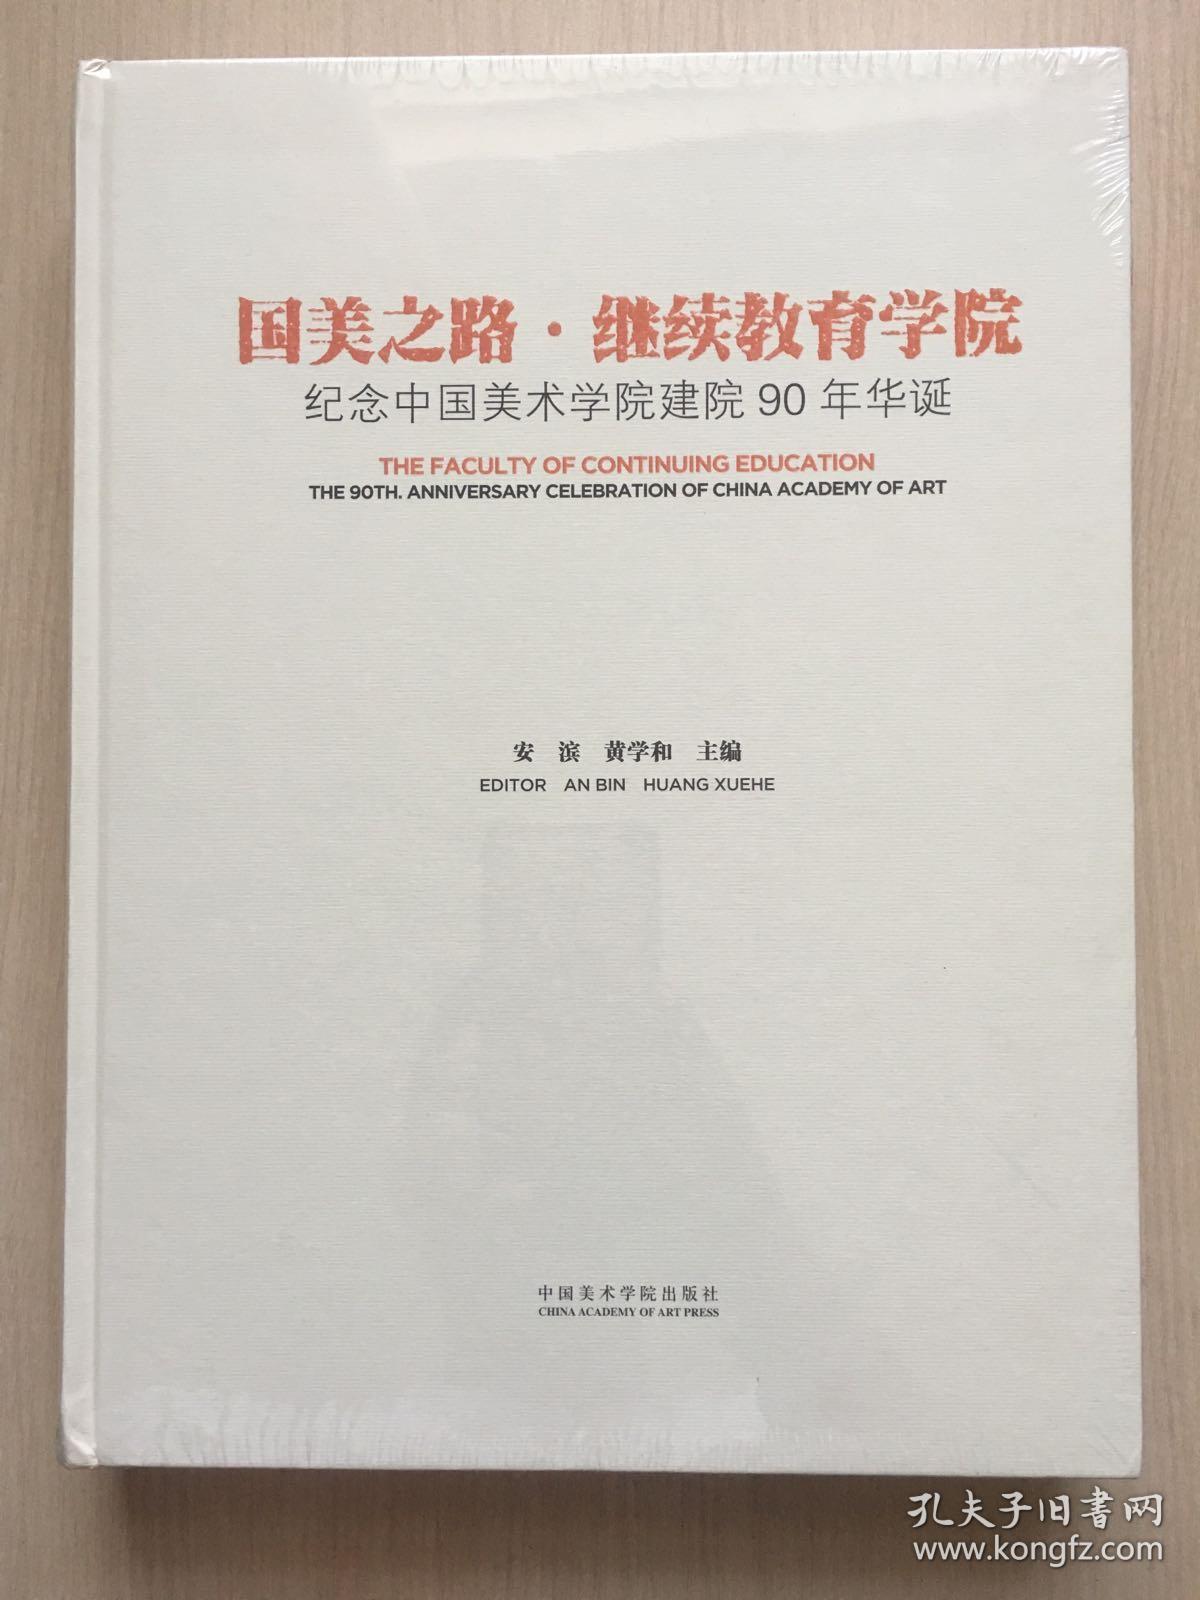 国美之路 继续教育学院  纪念中国美术学院建院90年华诞  (未拆封)